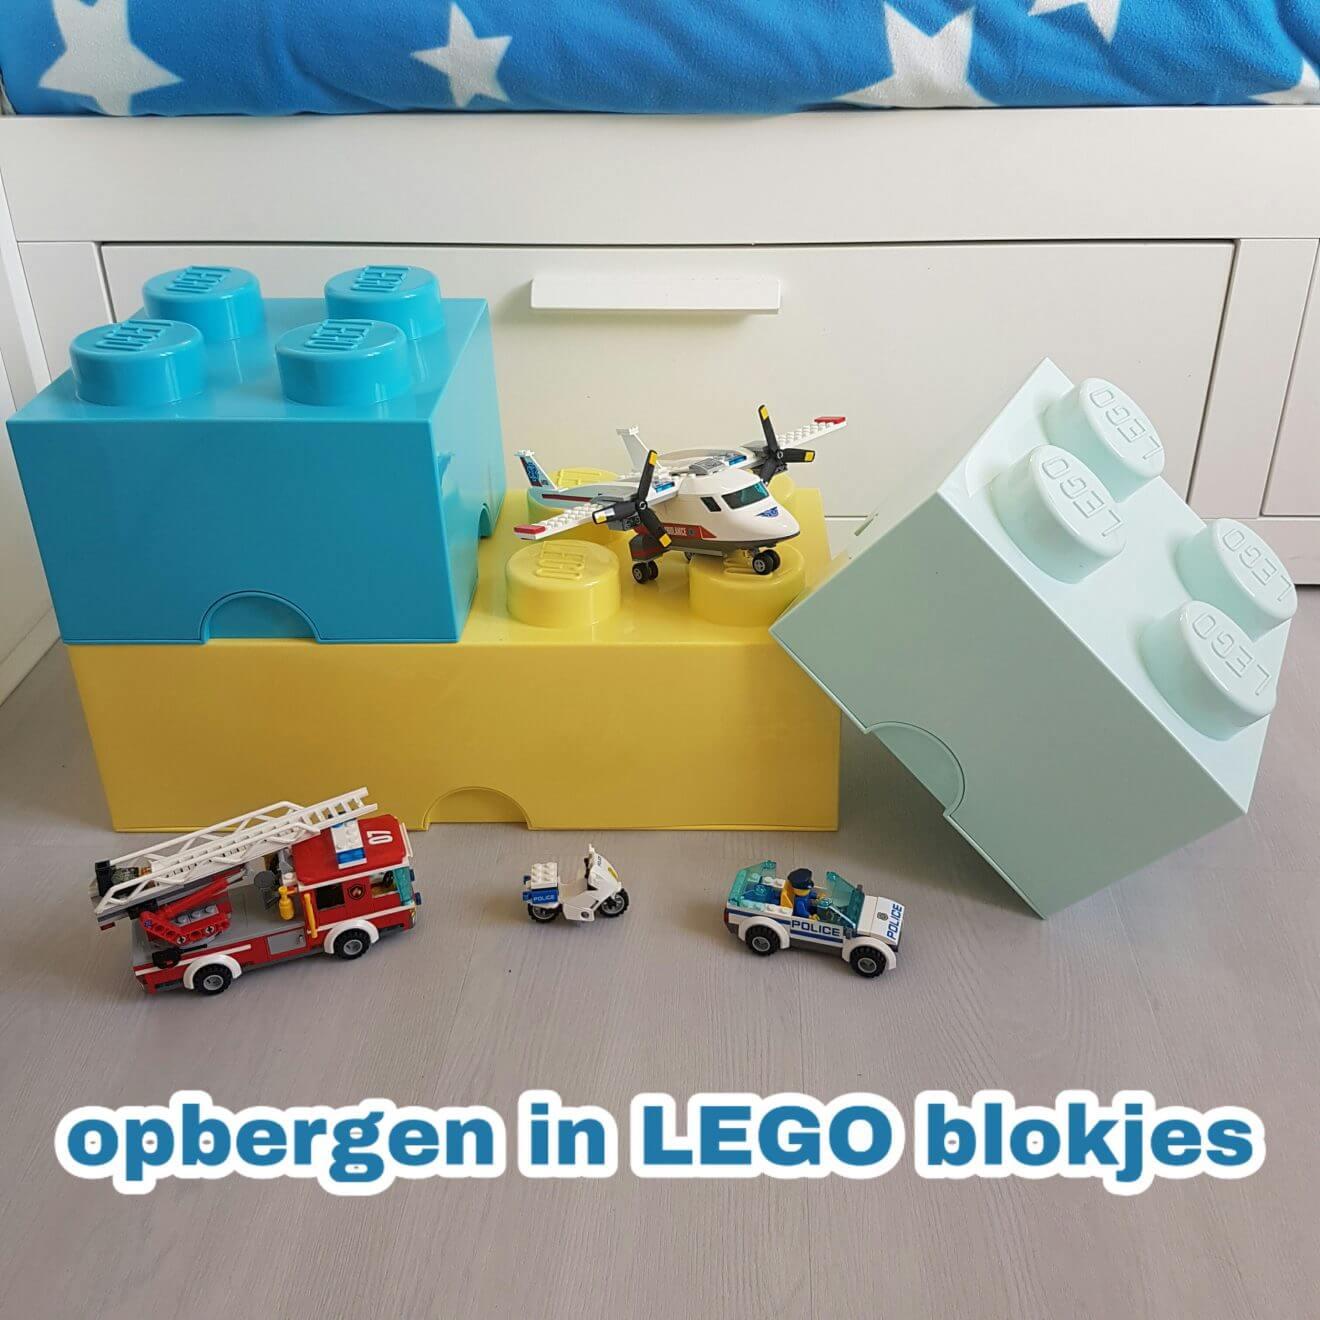 Opbergen in LEGO blokjes: van lunchbox tot grote opbergdoos